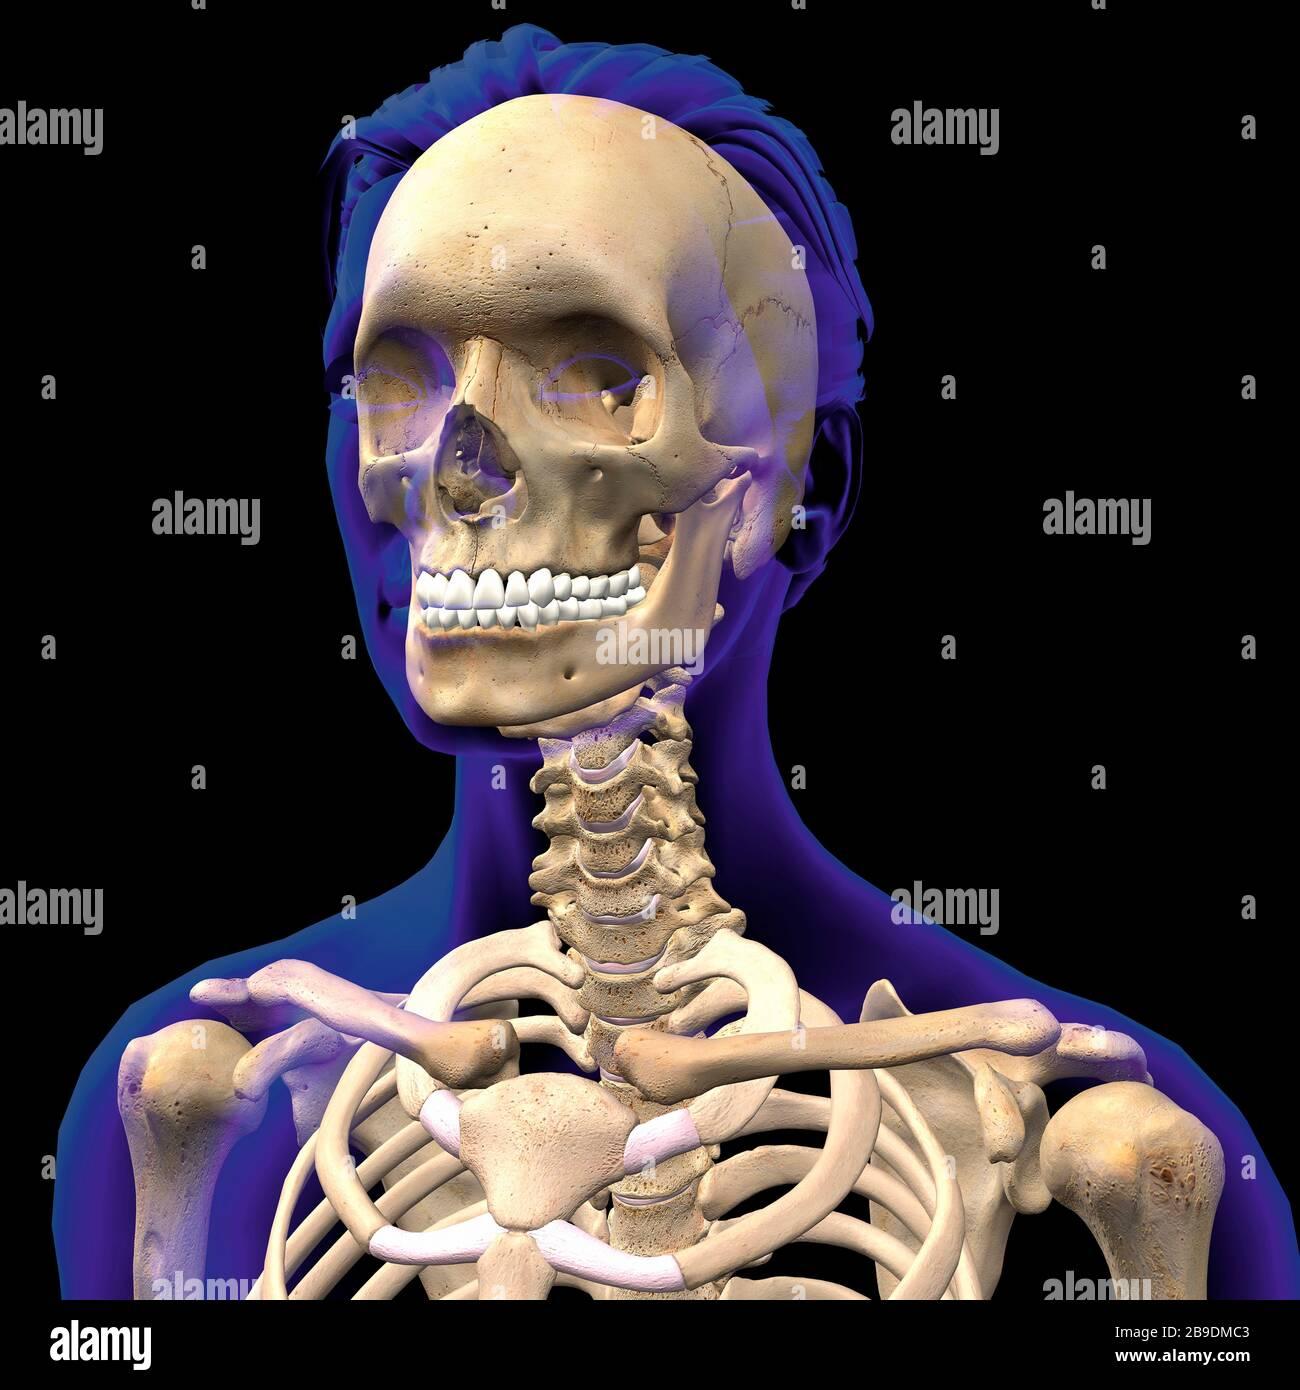 Illustration tridimensionnelle du crâne féminin, des épaules et de la colonne vertébrale à l'intérieur d'un contour indigo transparent. Banque D'Images